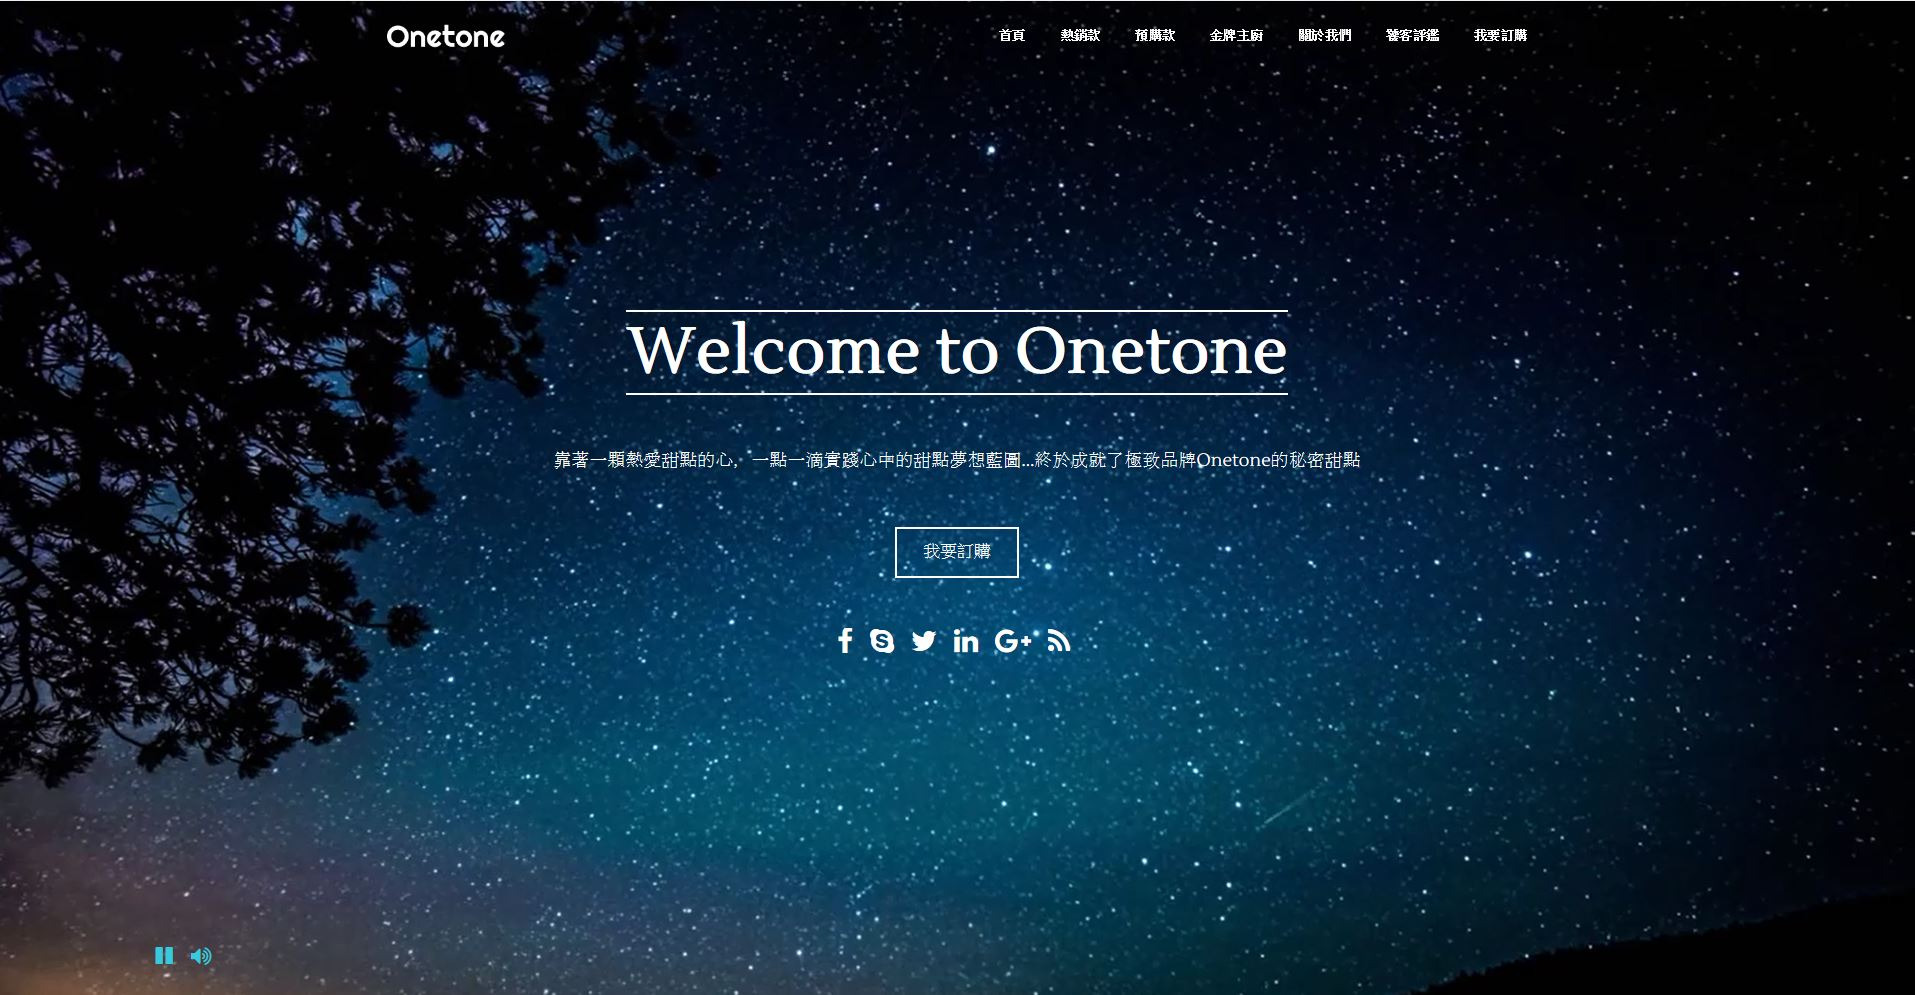 一頁式網站範例